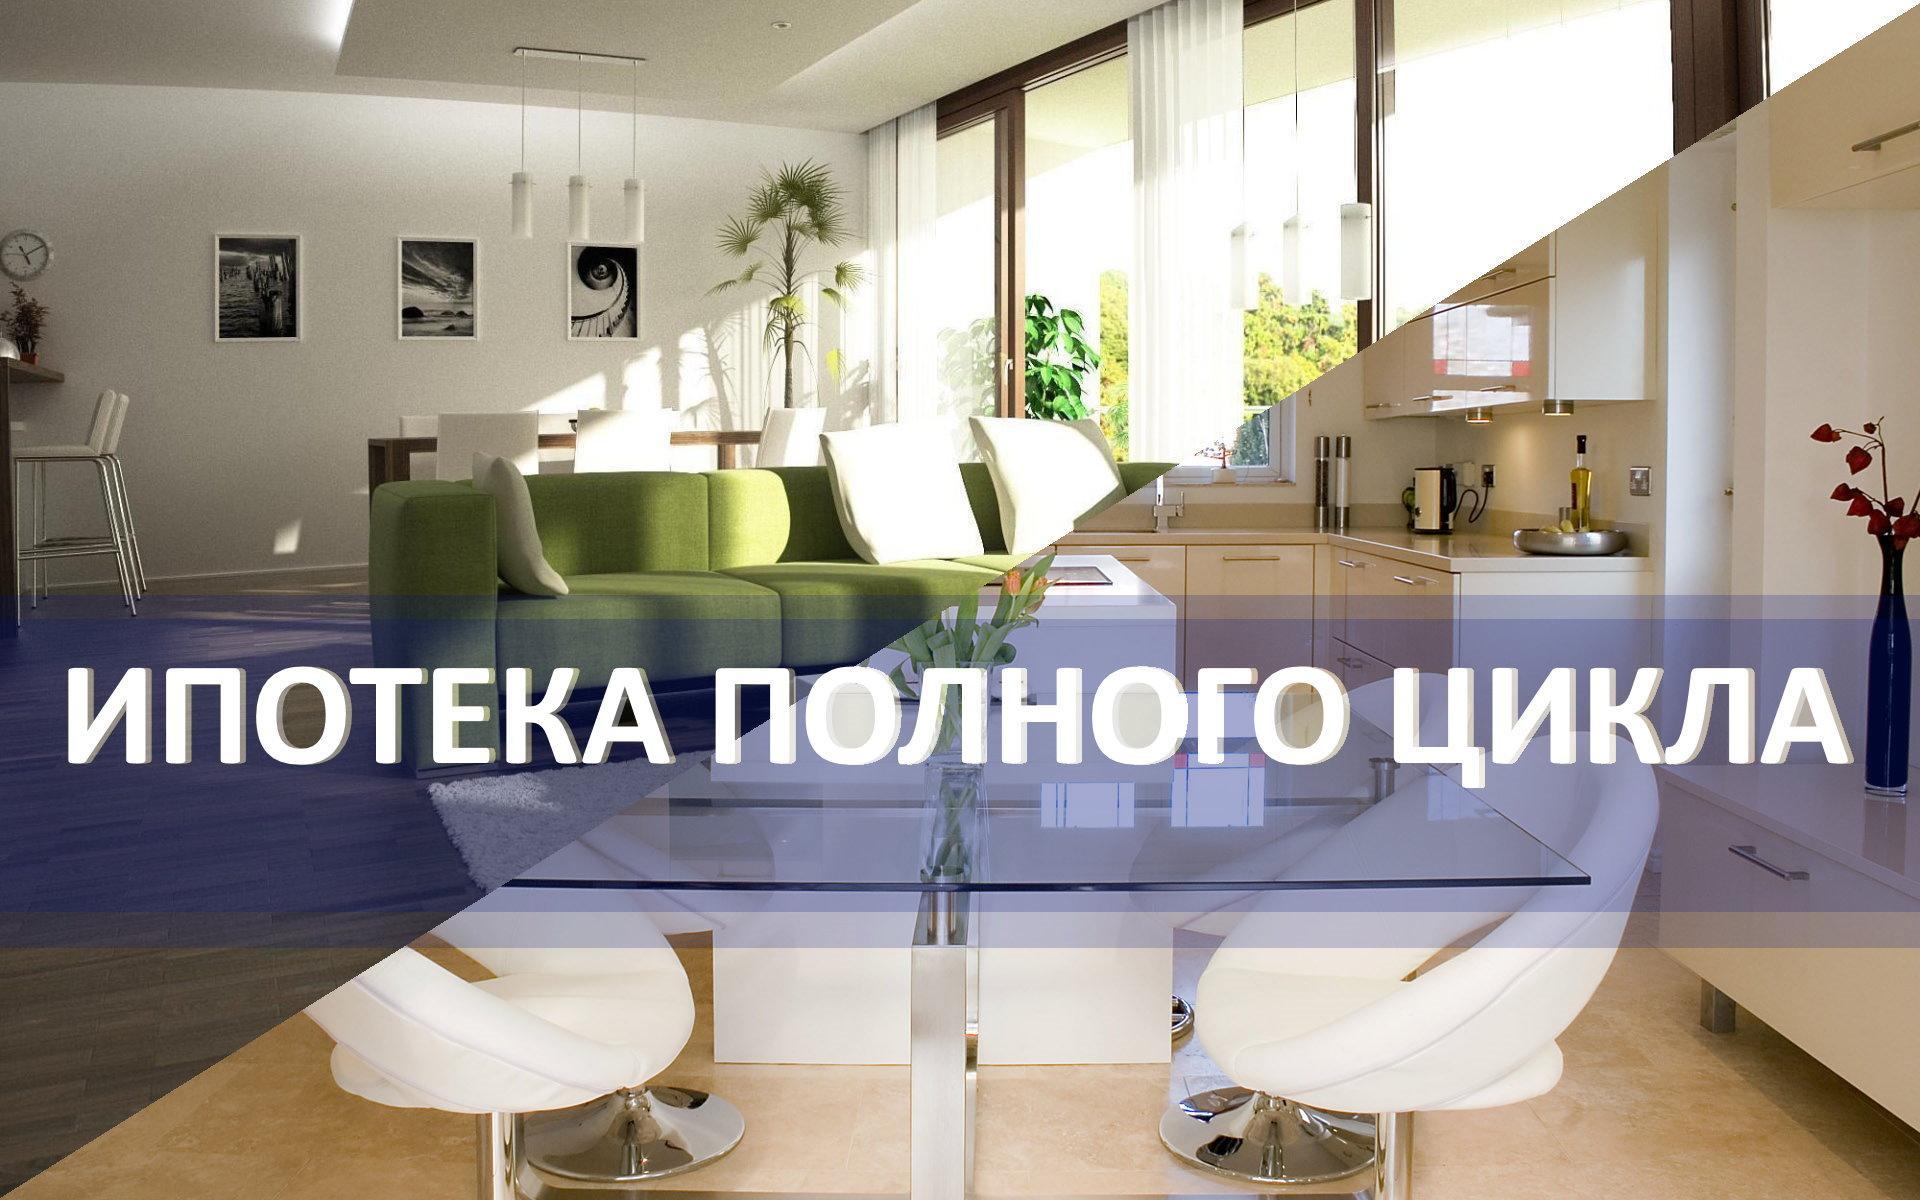 Купить квартиру без первого взноса в ипотеку